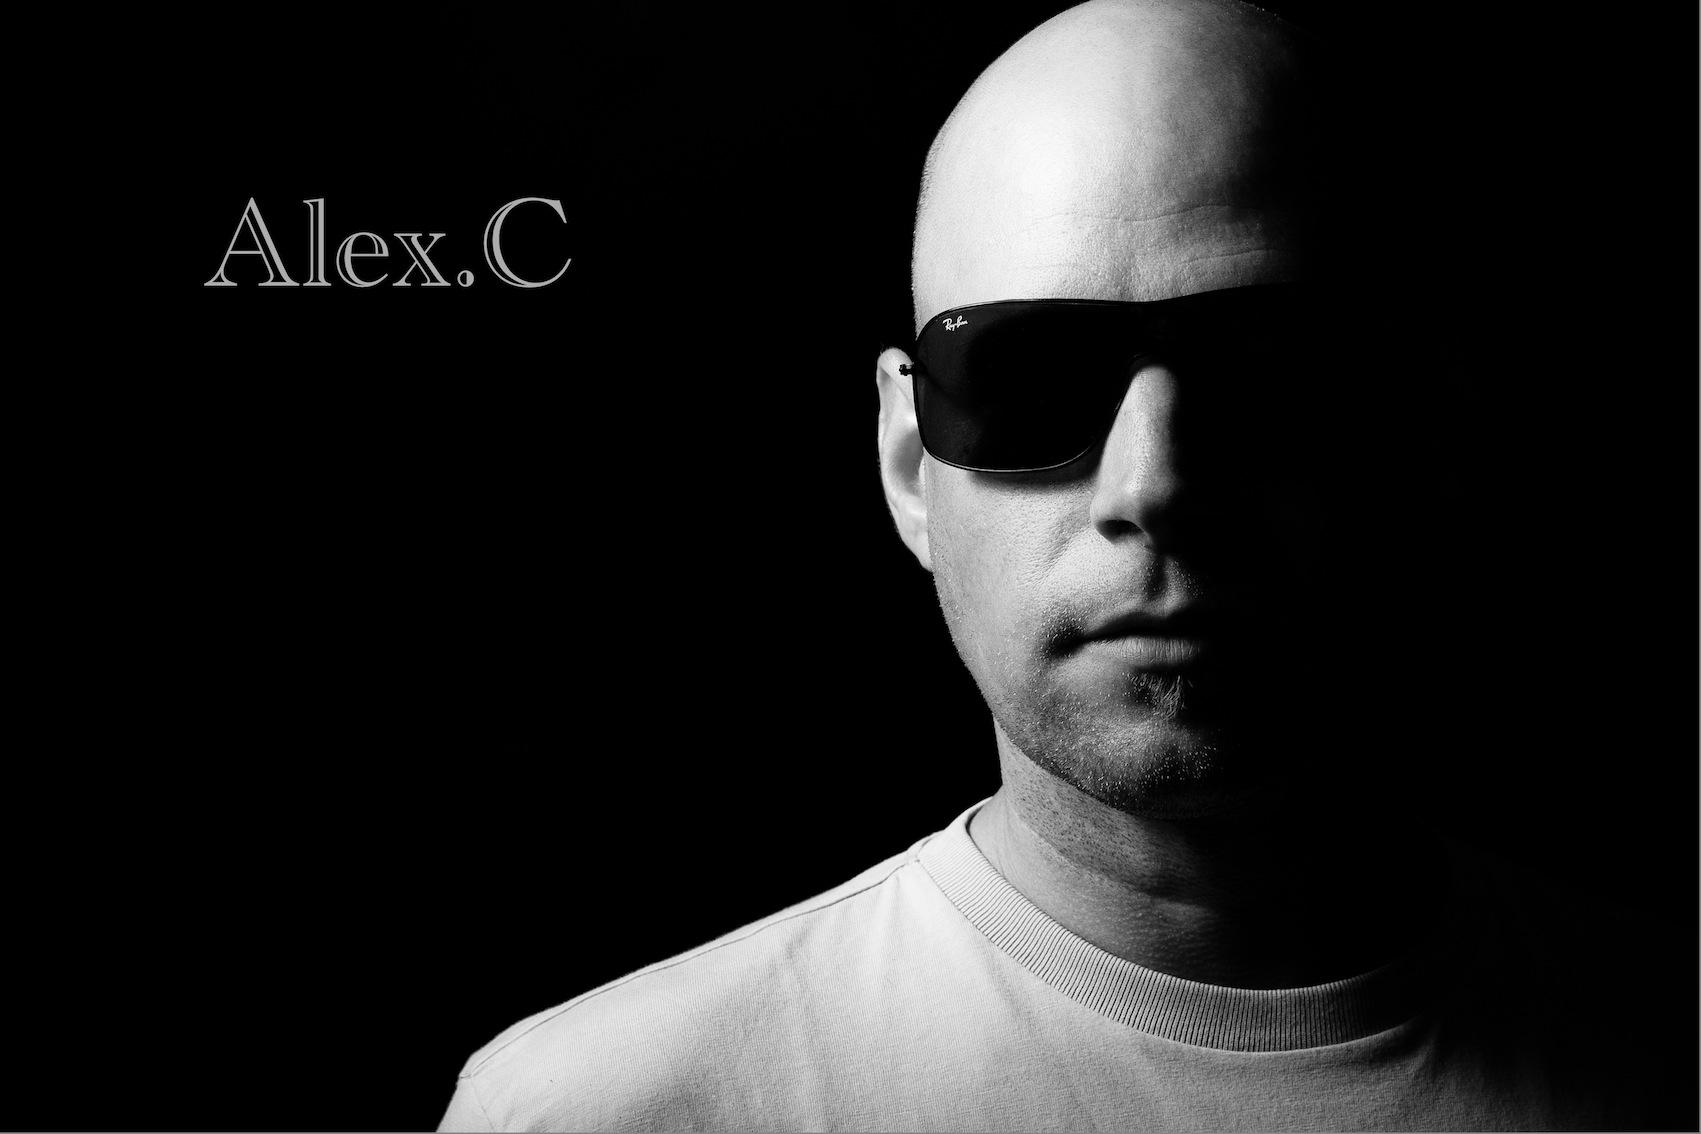 Dj Alex.C